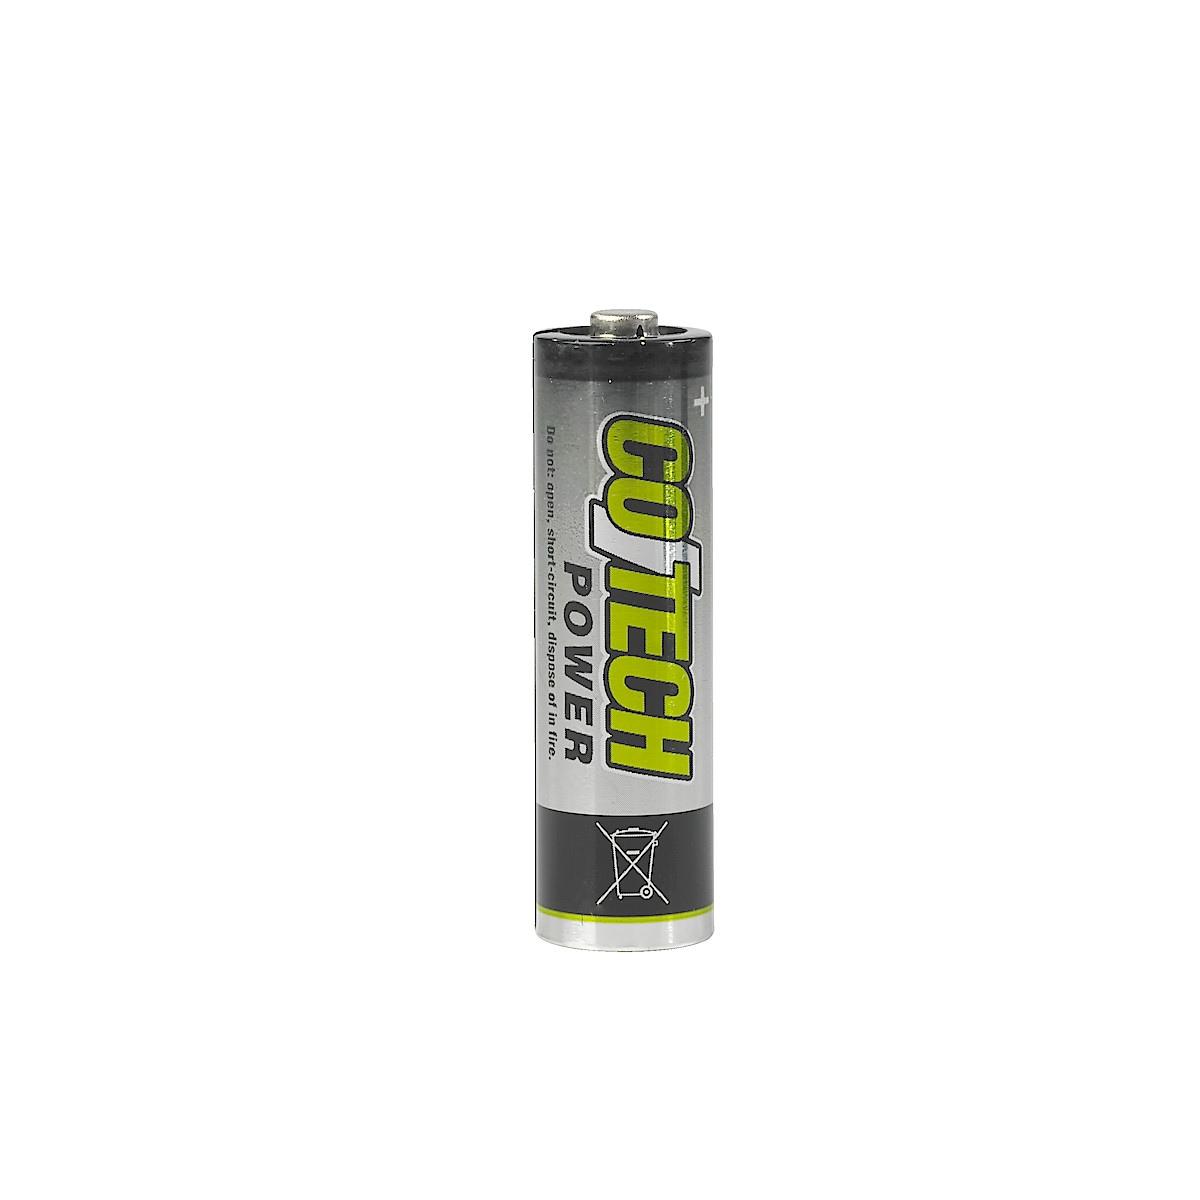 Laddningsbara batterier Cotech